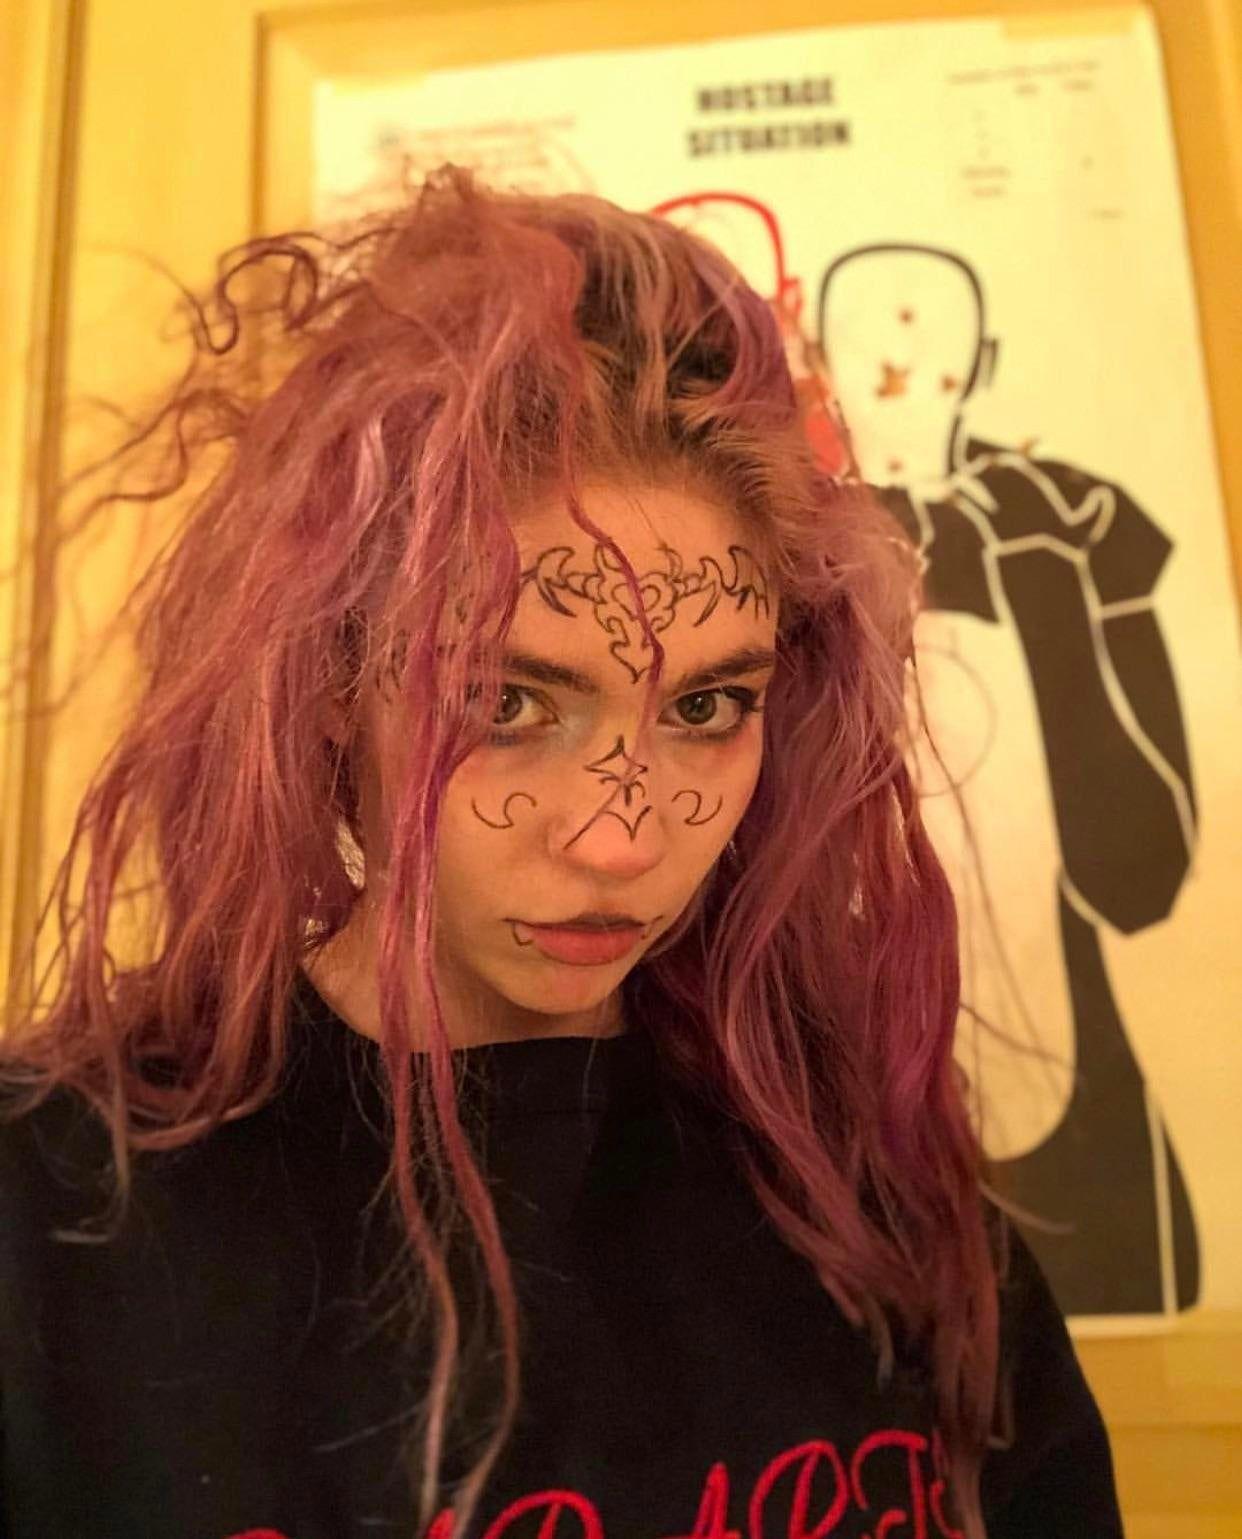 Miss_Anthrop0cene Grimes Grimes, Claire boucher, Face